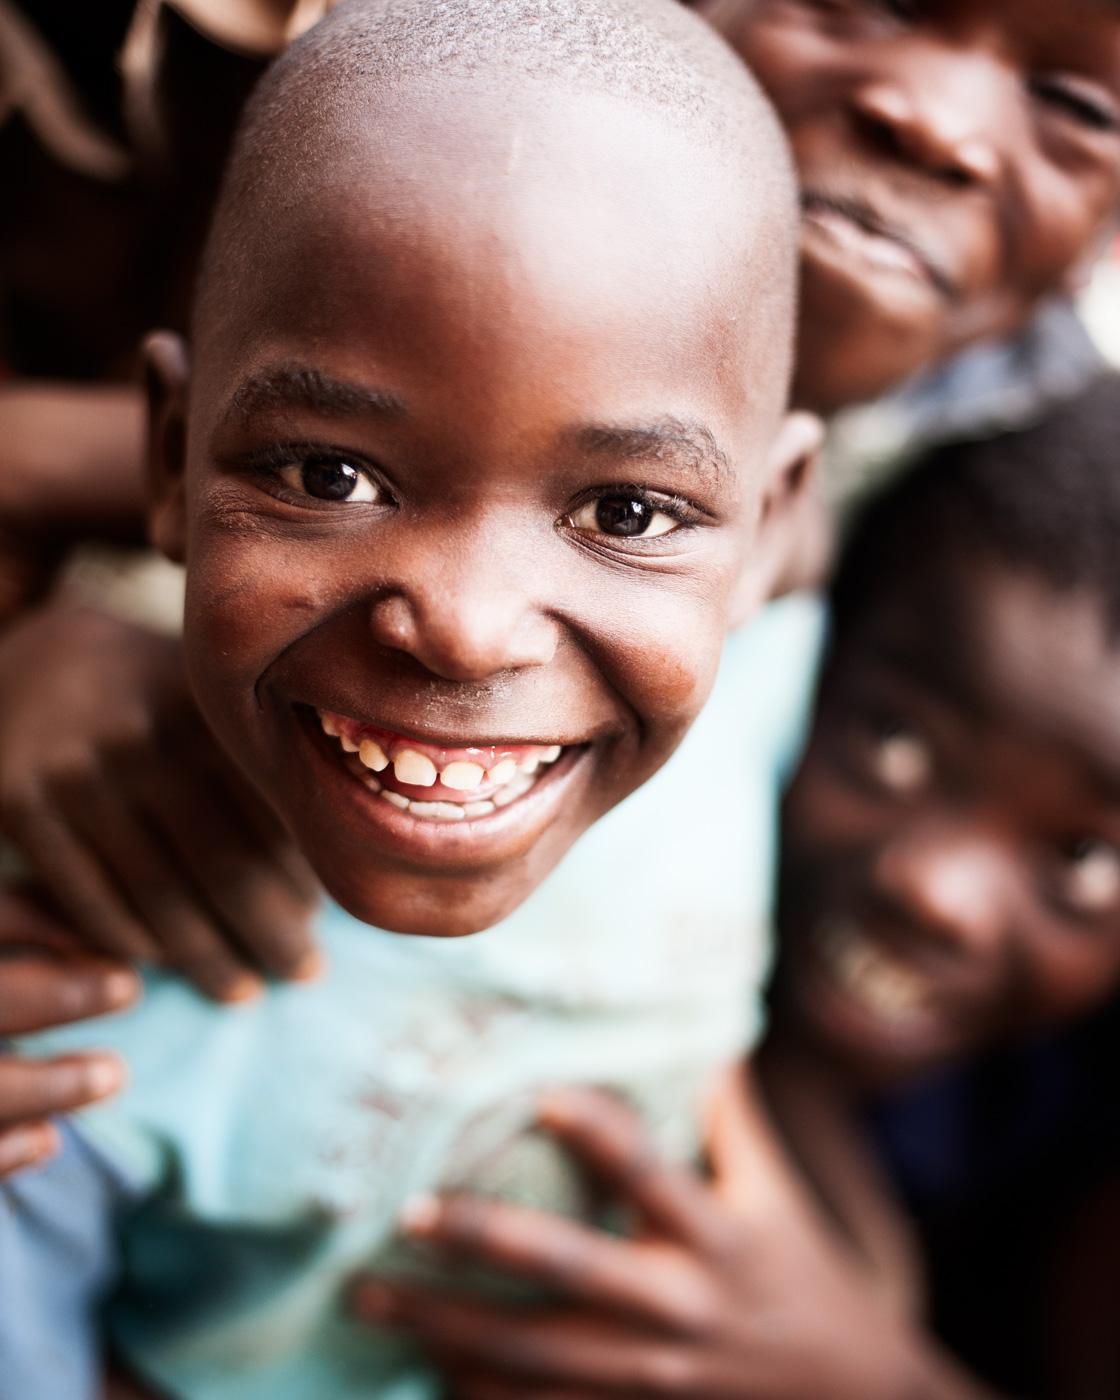 africa by elliott_-17.jpg